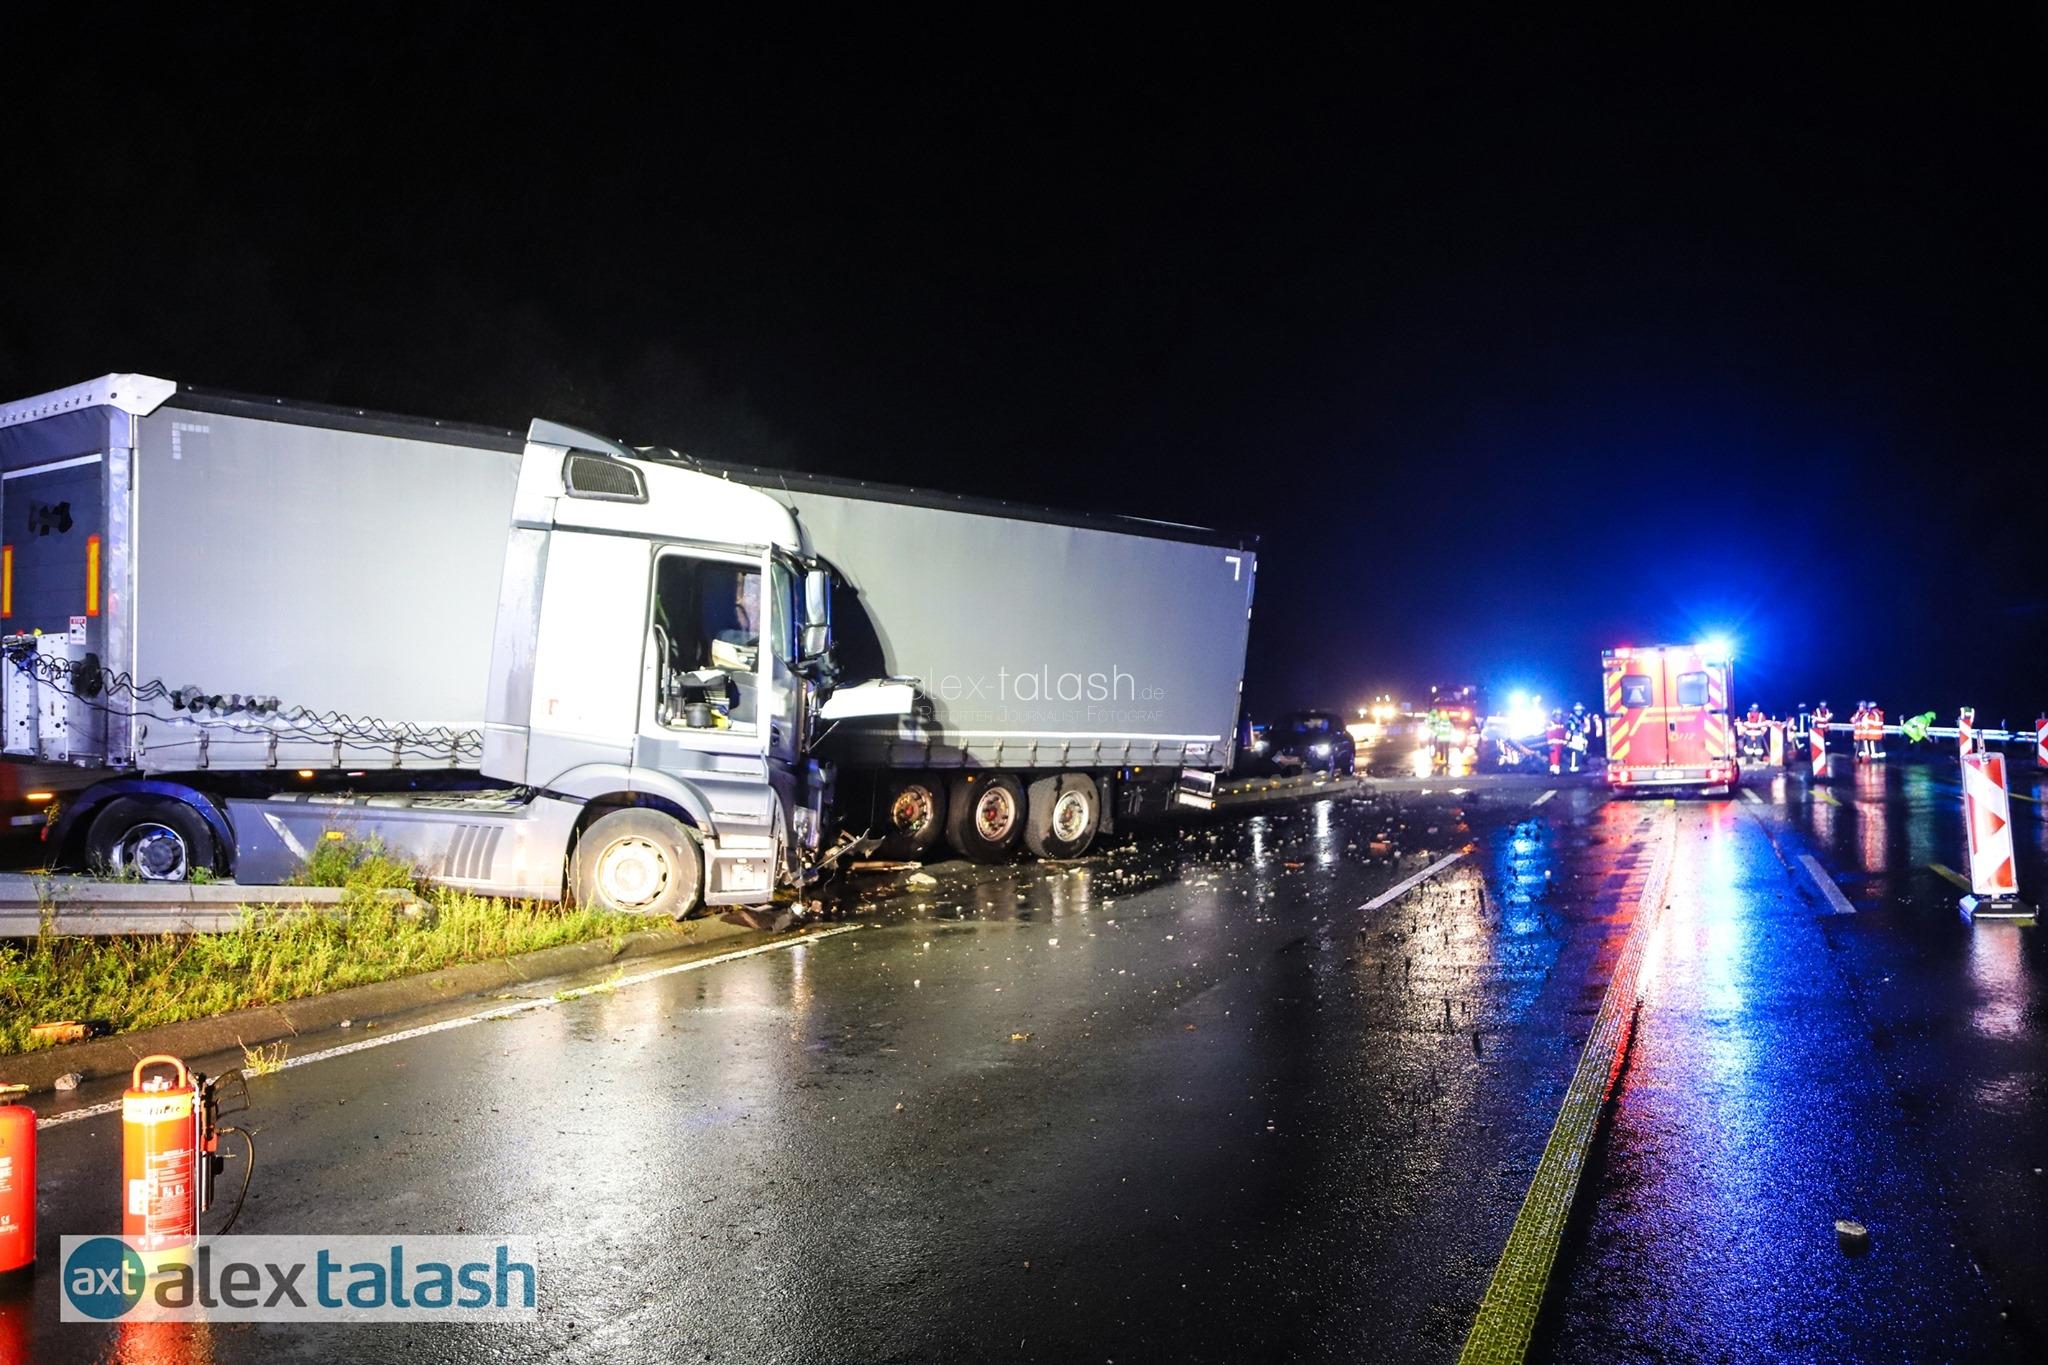 Schwerer Verkehrsunfall auf der A45 bei Hagen: Lkw kracht in Betonschutzwand